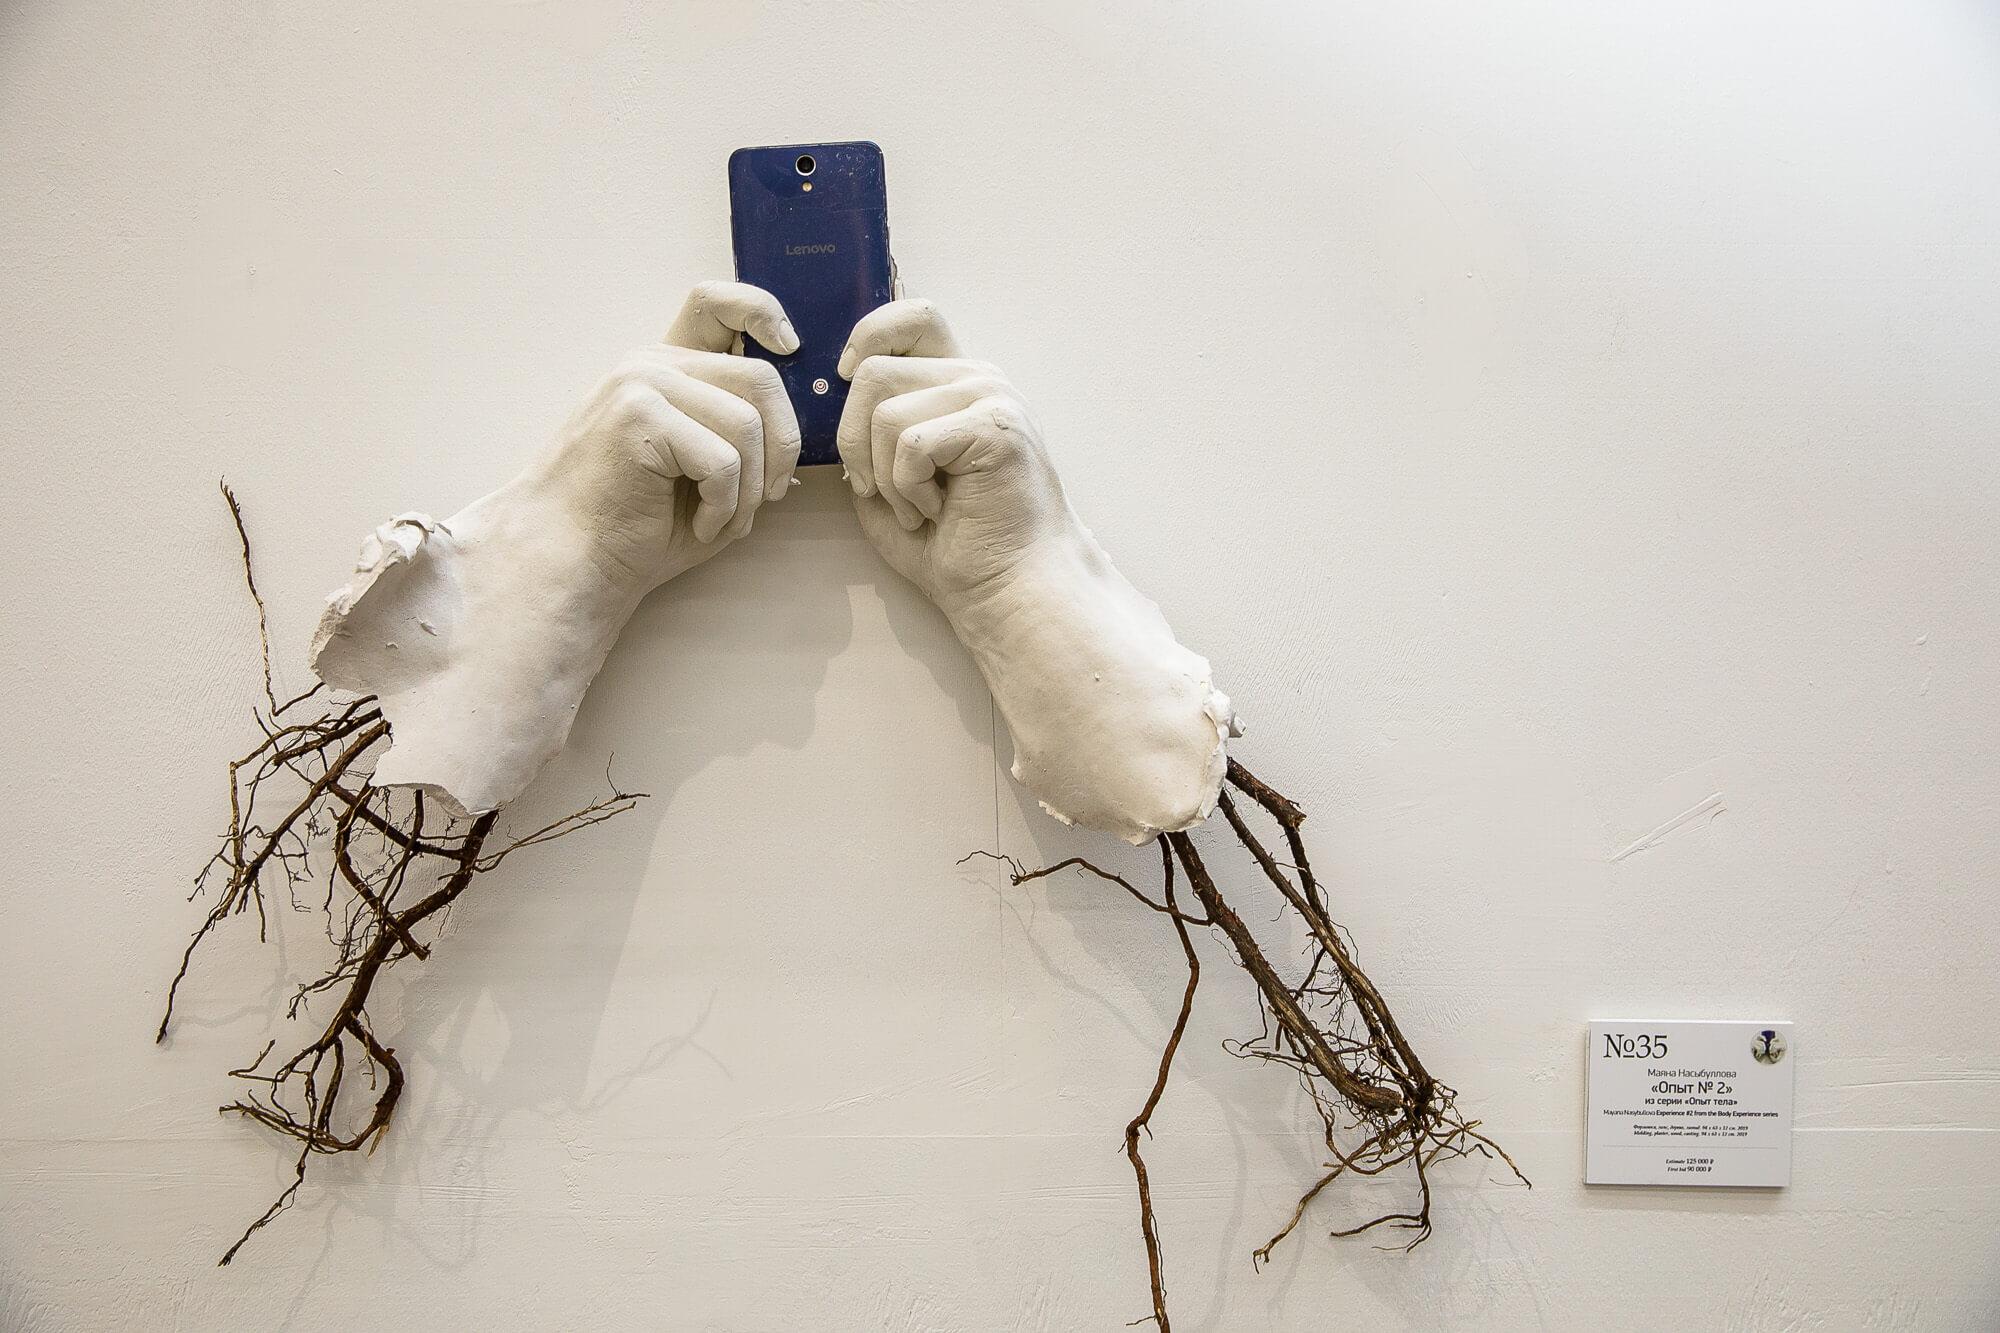 В Краснодаре открылась предаукционная выставка современного искусства MOST